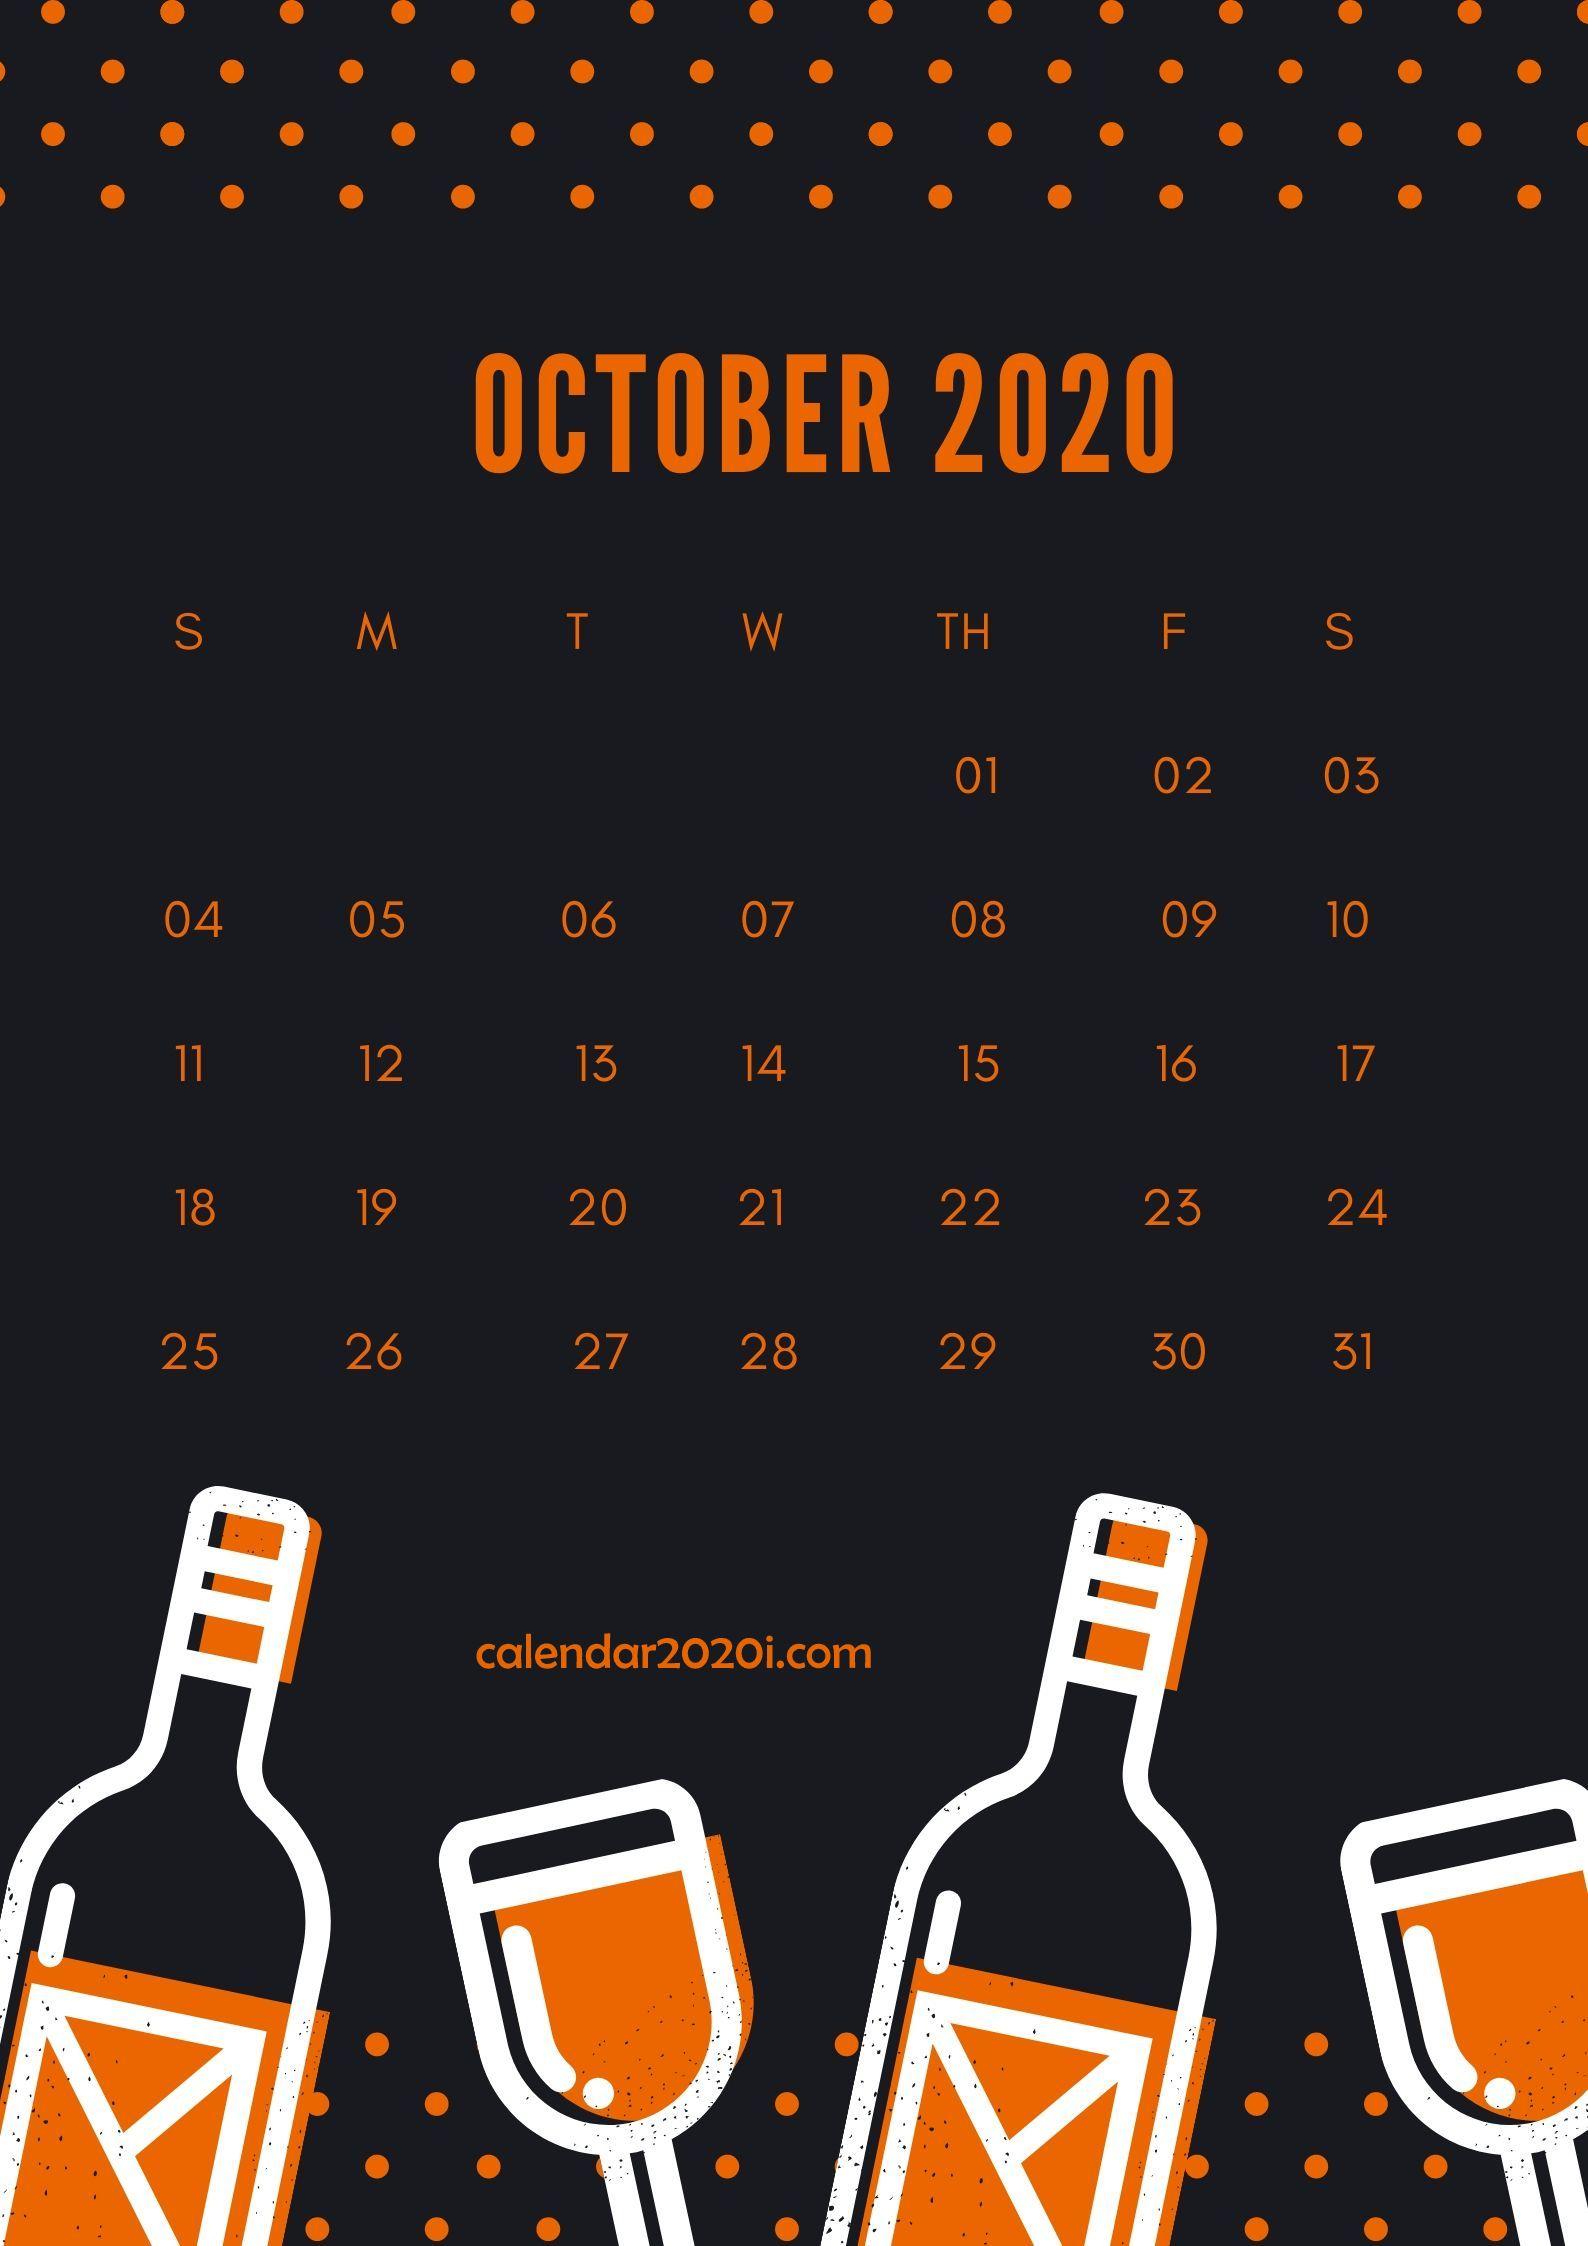 October 2020 Wall Calendar Printable